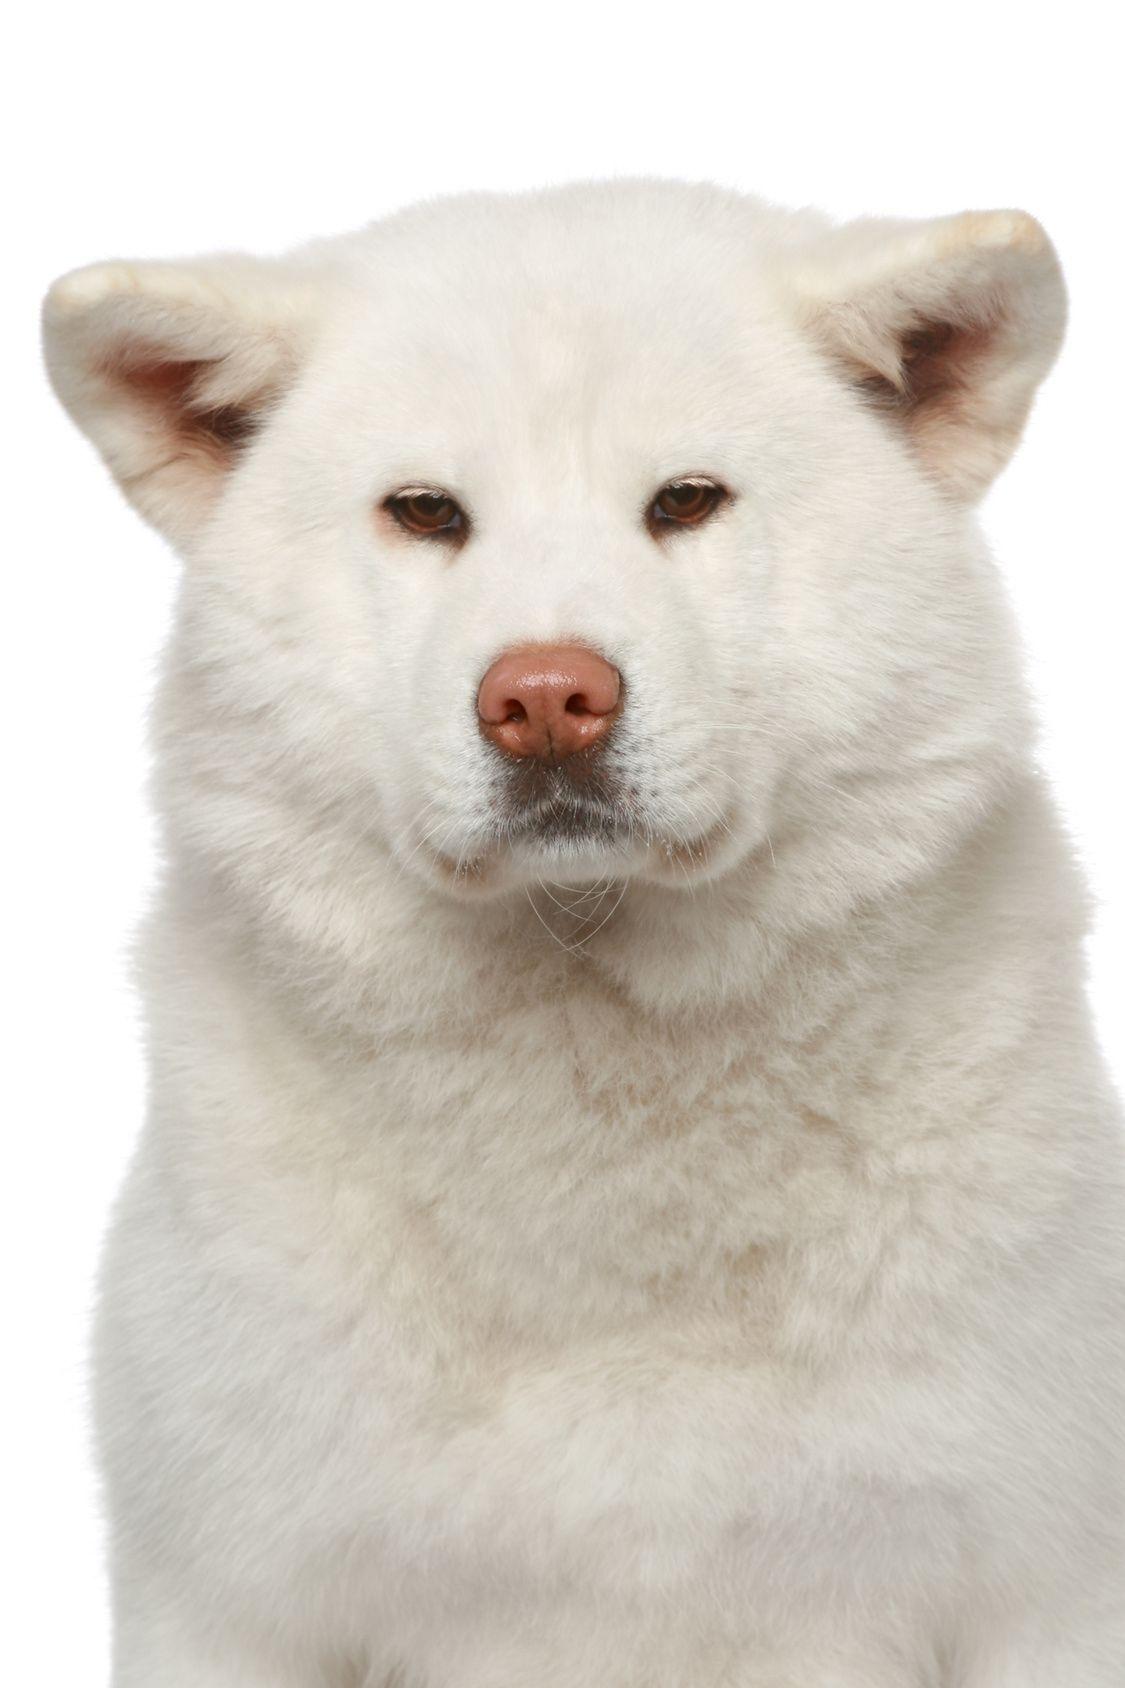 くるりと巻いたしっぽがカワイイ!天然記念物の秋田犬 その性格や飼い方のコツ